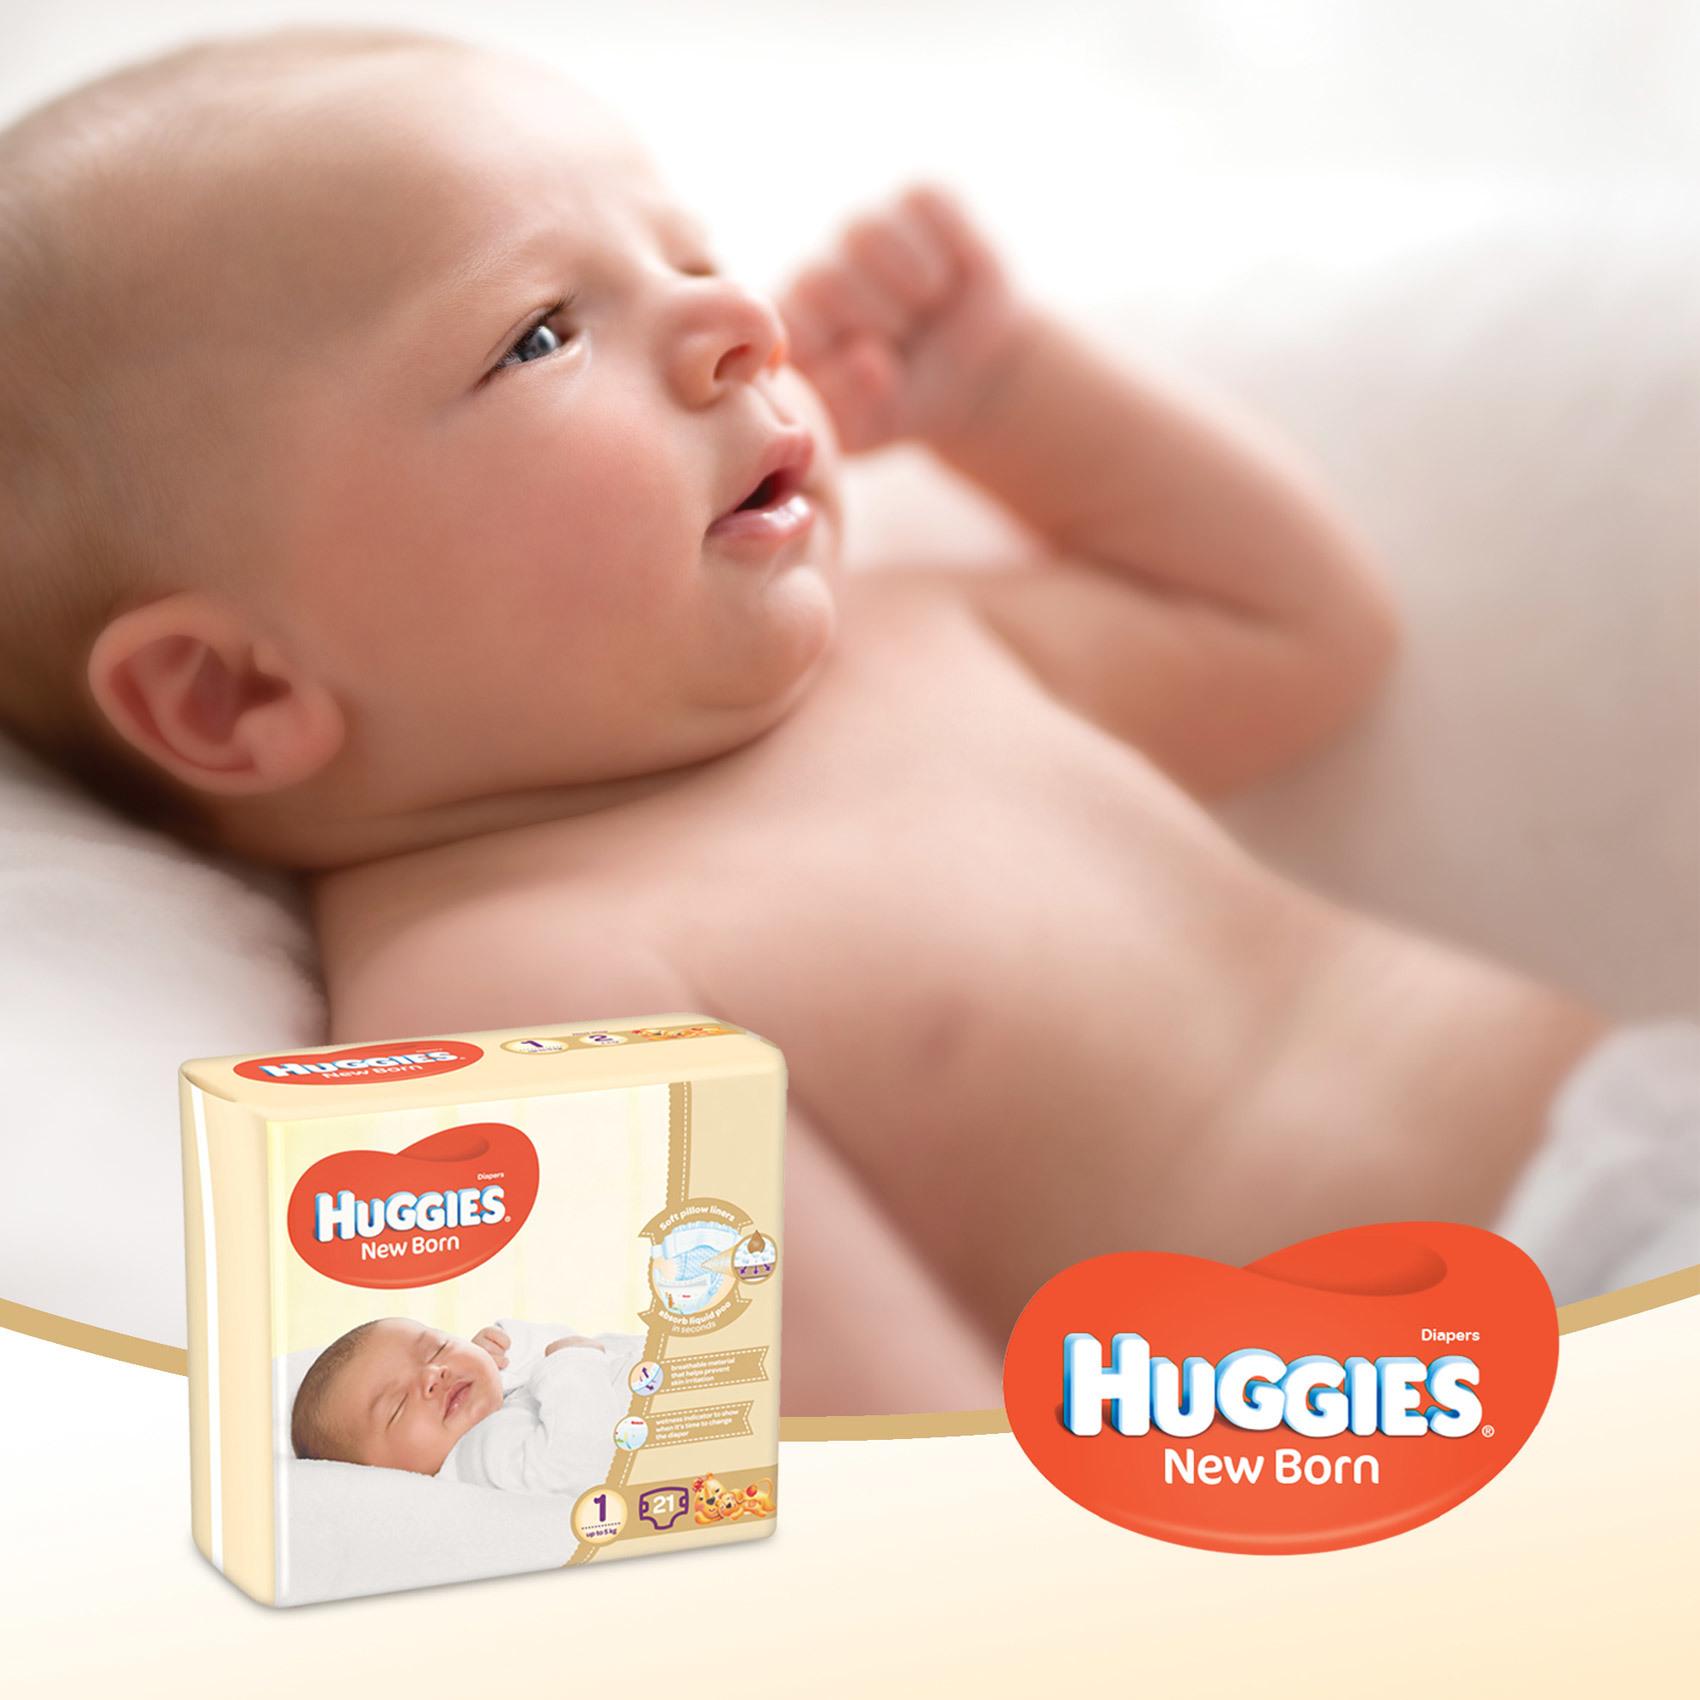 HUGGIES POME NEW BORN (1) 21X4